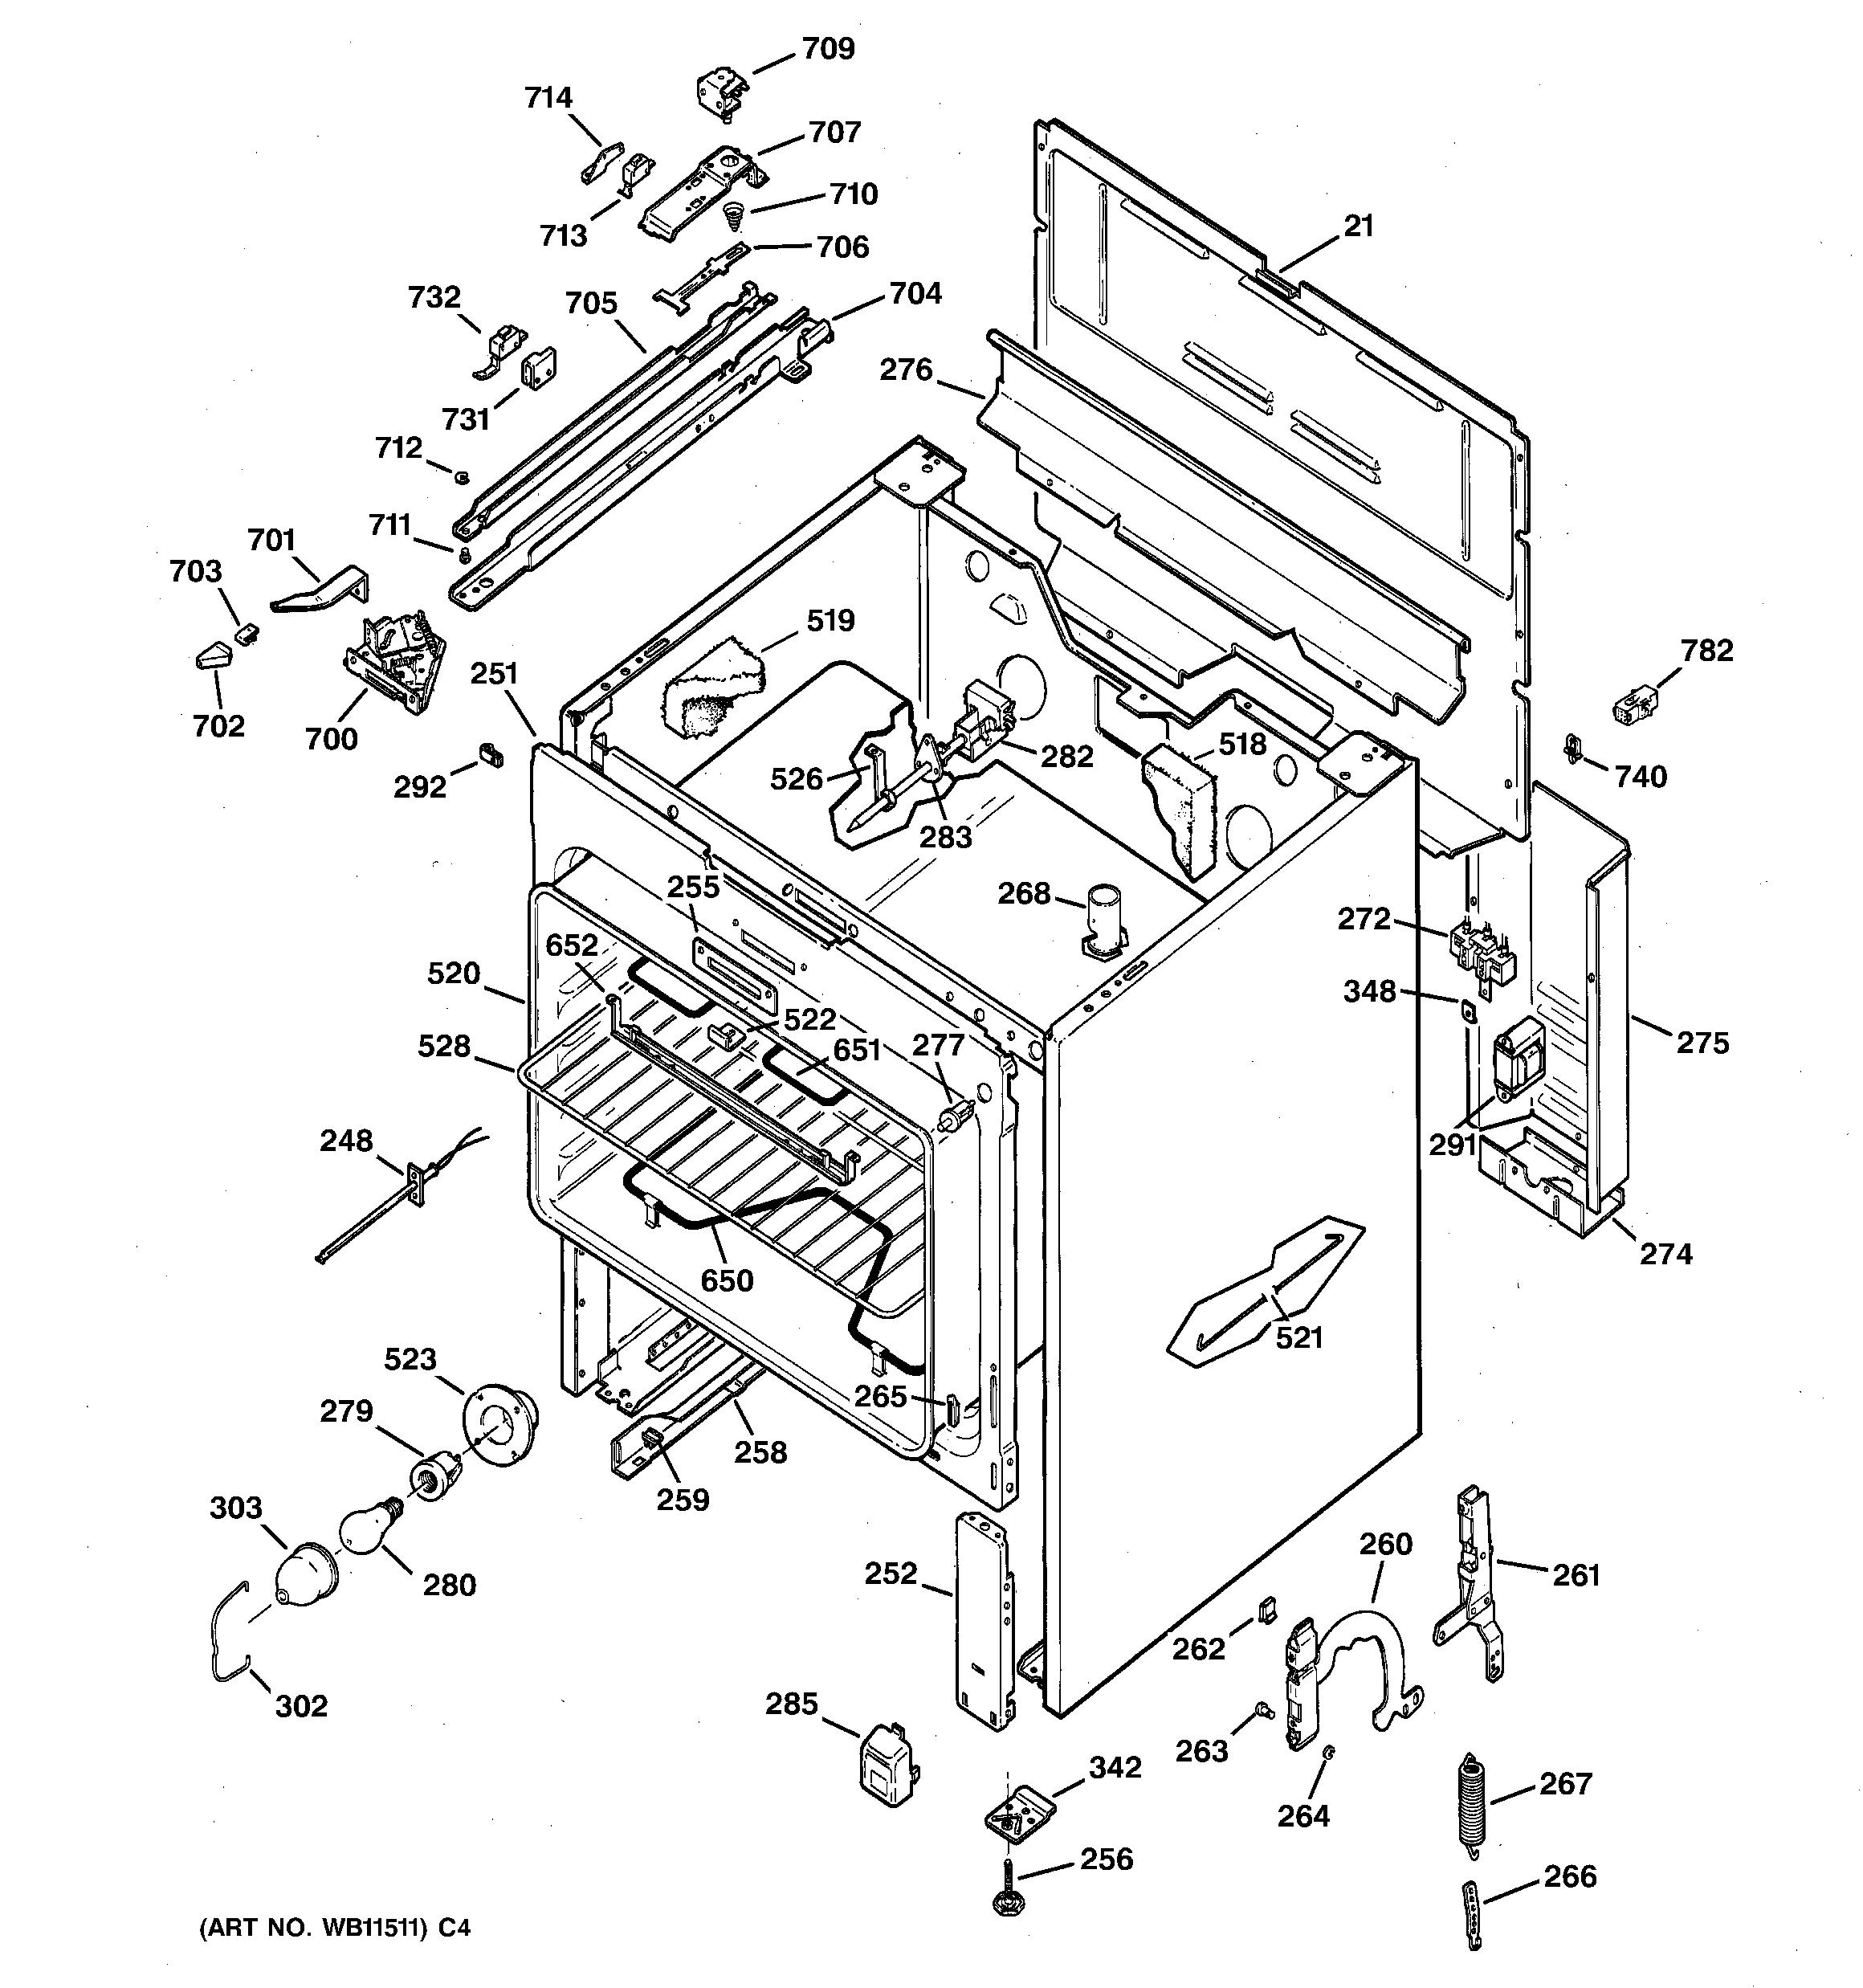 Kenmore Stove Top Wiring Diagram Model 427 49403 - Wall Schematic - basic- wiring.yenpancane.jeanjaures37.fr | Ge Stove Top Wiring Diagram |  | Wiring Diagram Resource